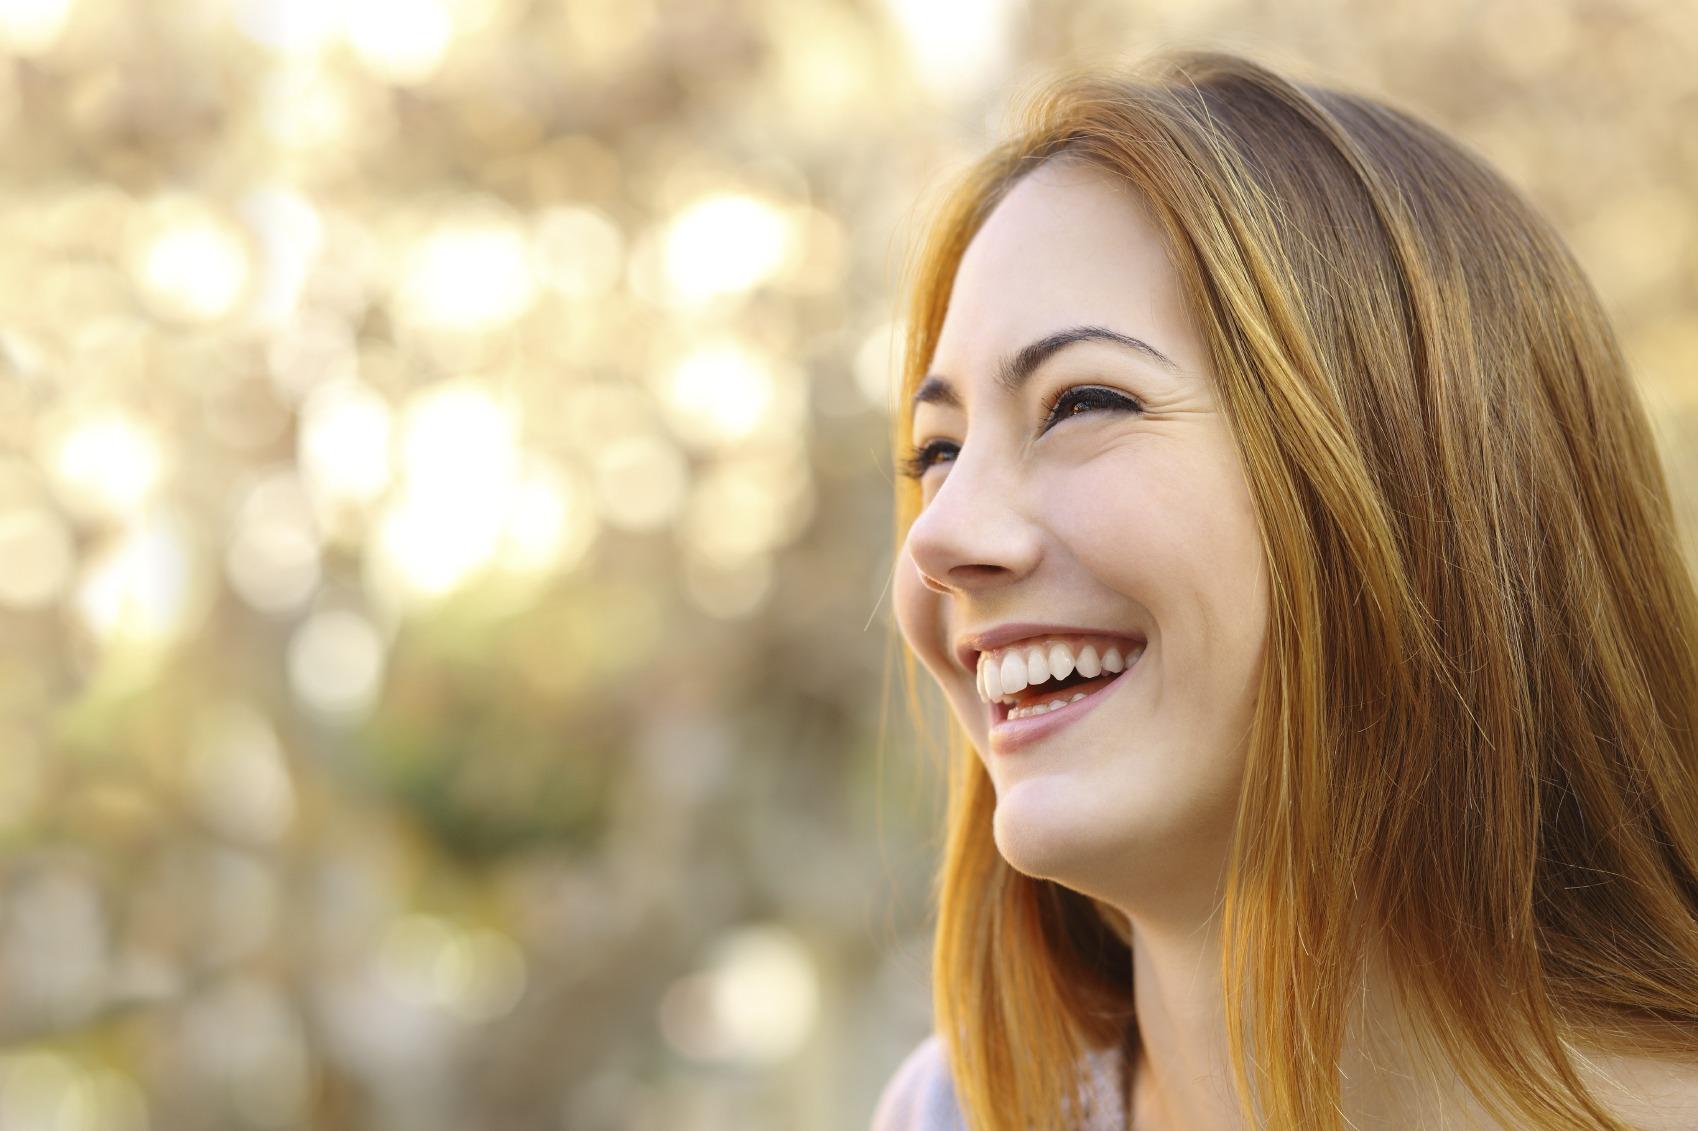 Smile at everyone